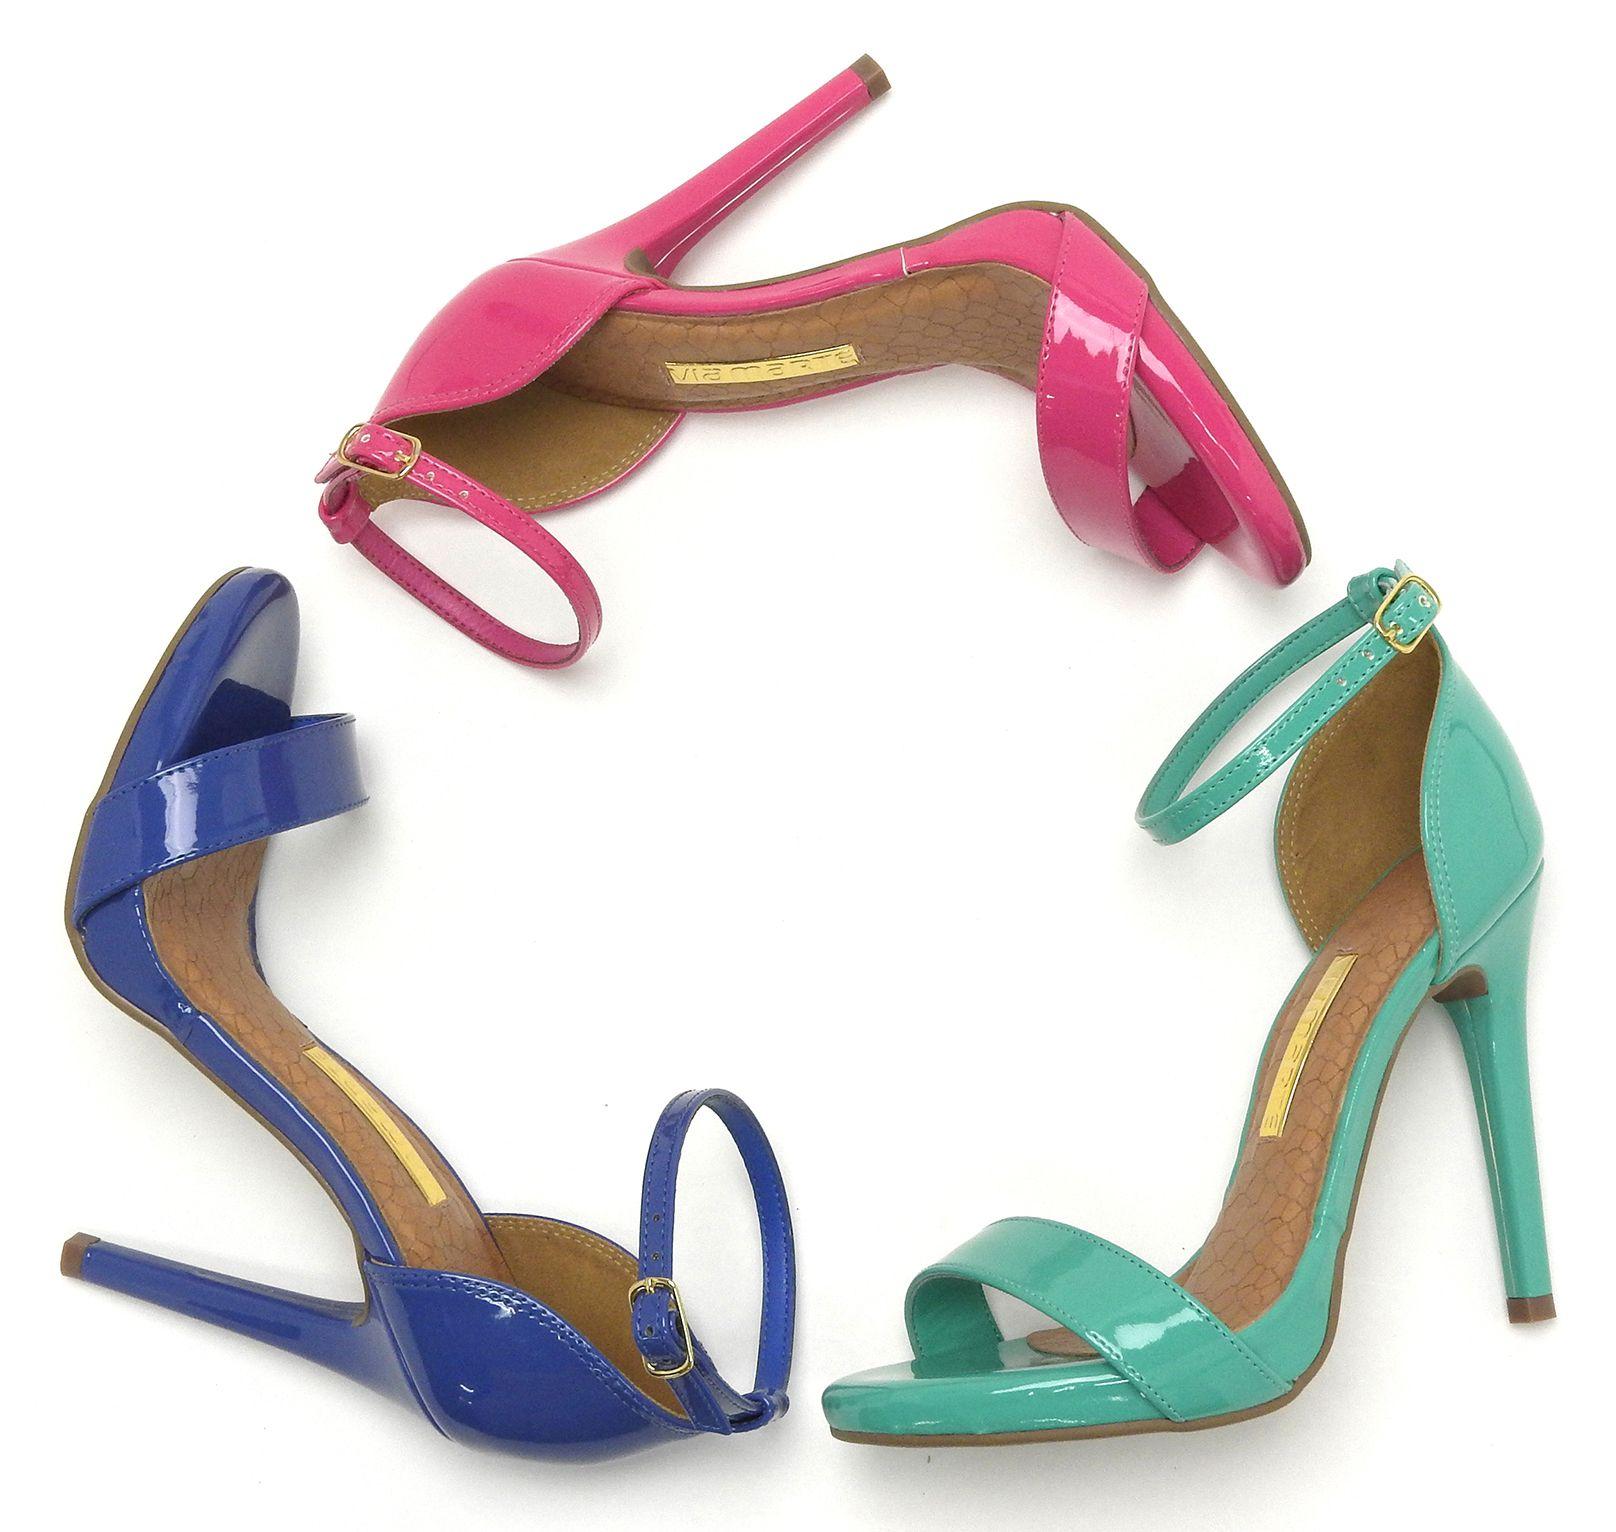 3549fc6709 Sandália de salto alto – heels – cores – rosa – pink – azul - summer –  Verão 2016 - Ref. 15-19001